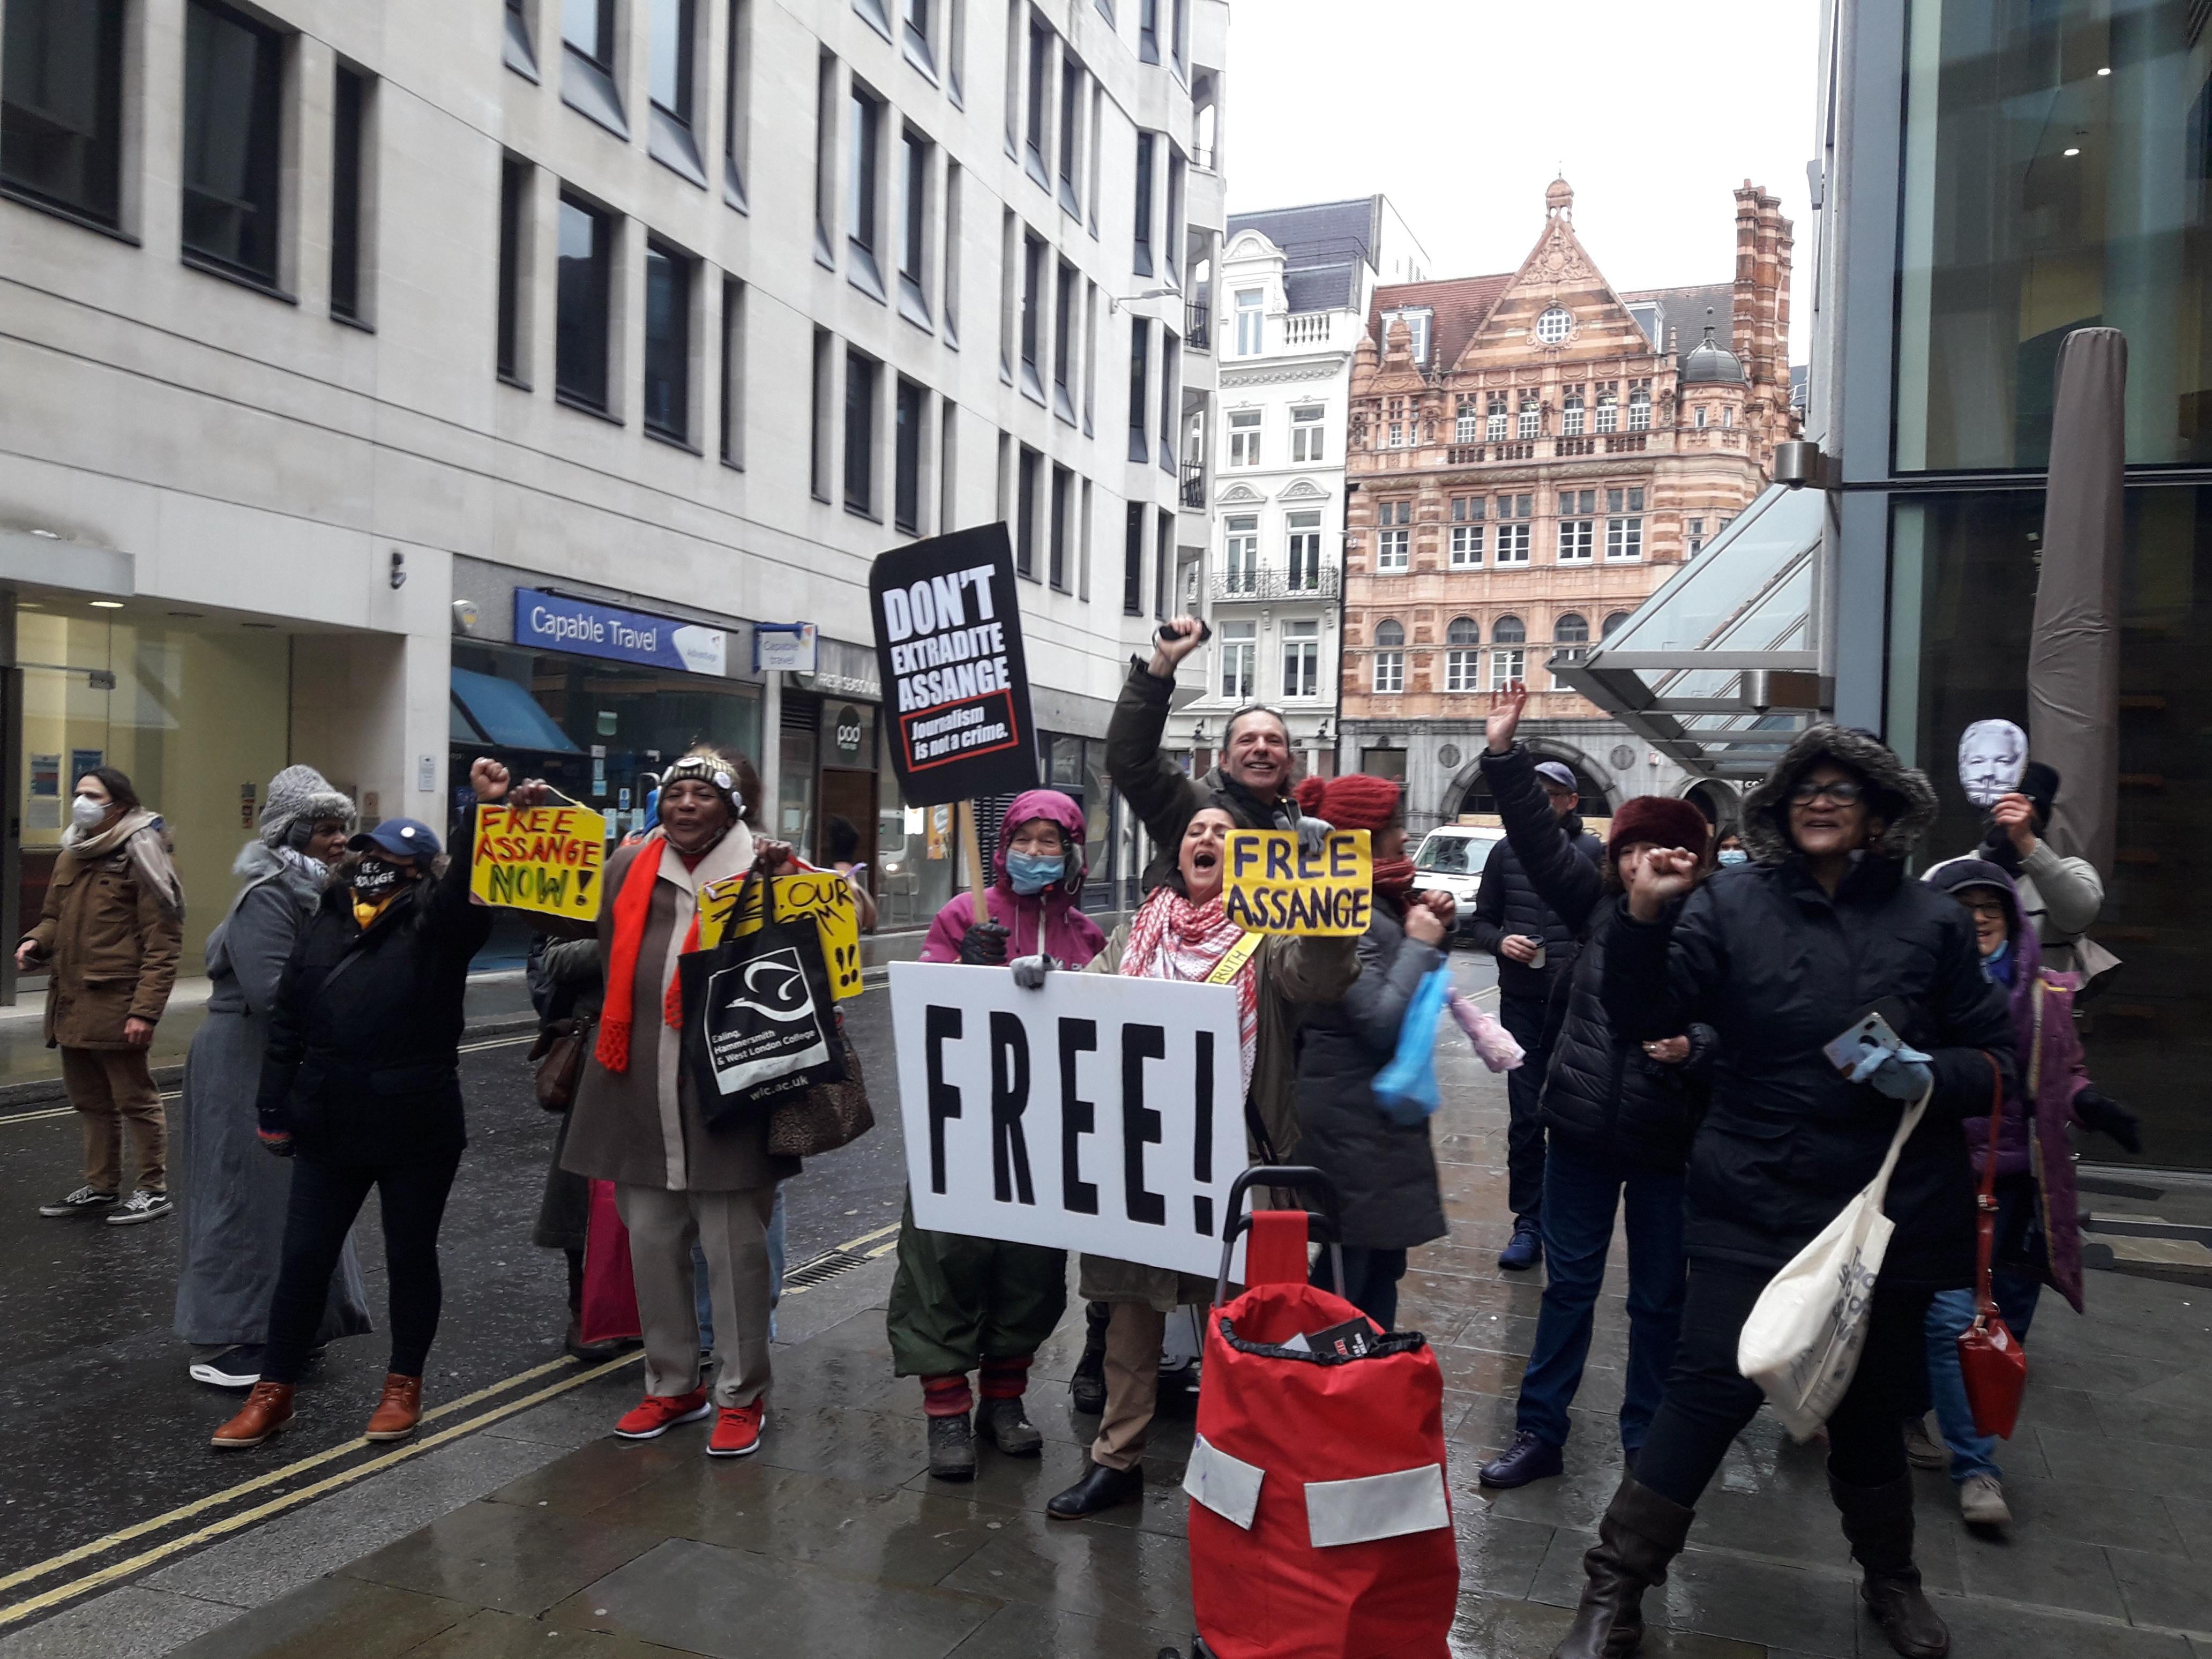 protest_photos:happyfree.jpg